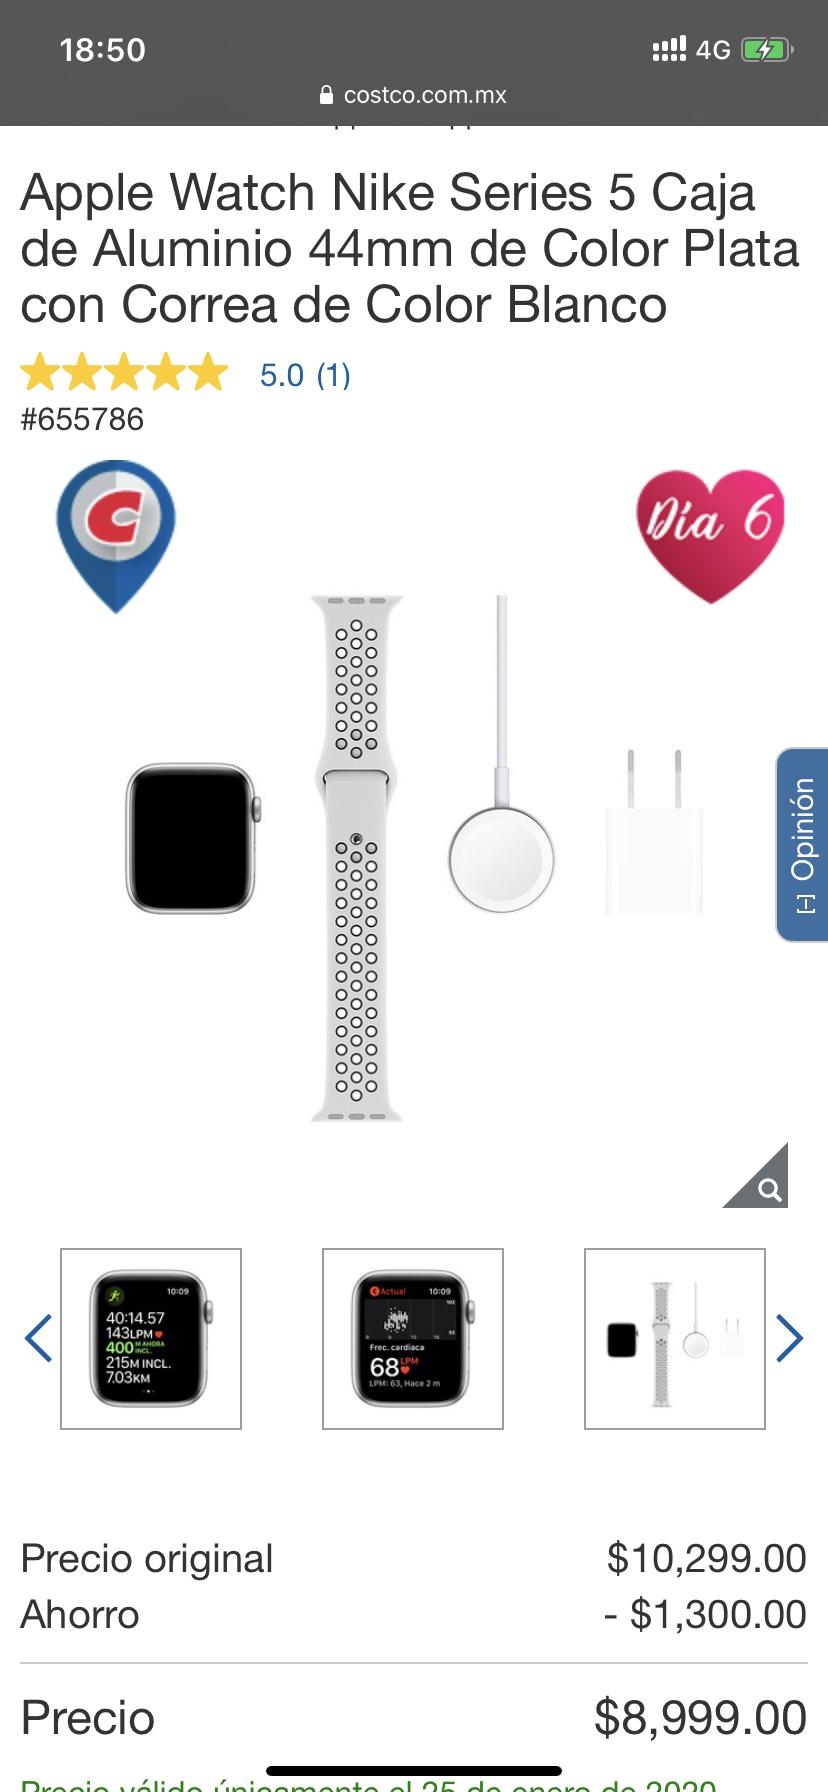 Costco: Apple Watch Nike Series 5 Caja de Aluminio 44mm de Color Plata con Correa de Color Blanco